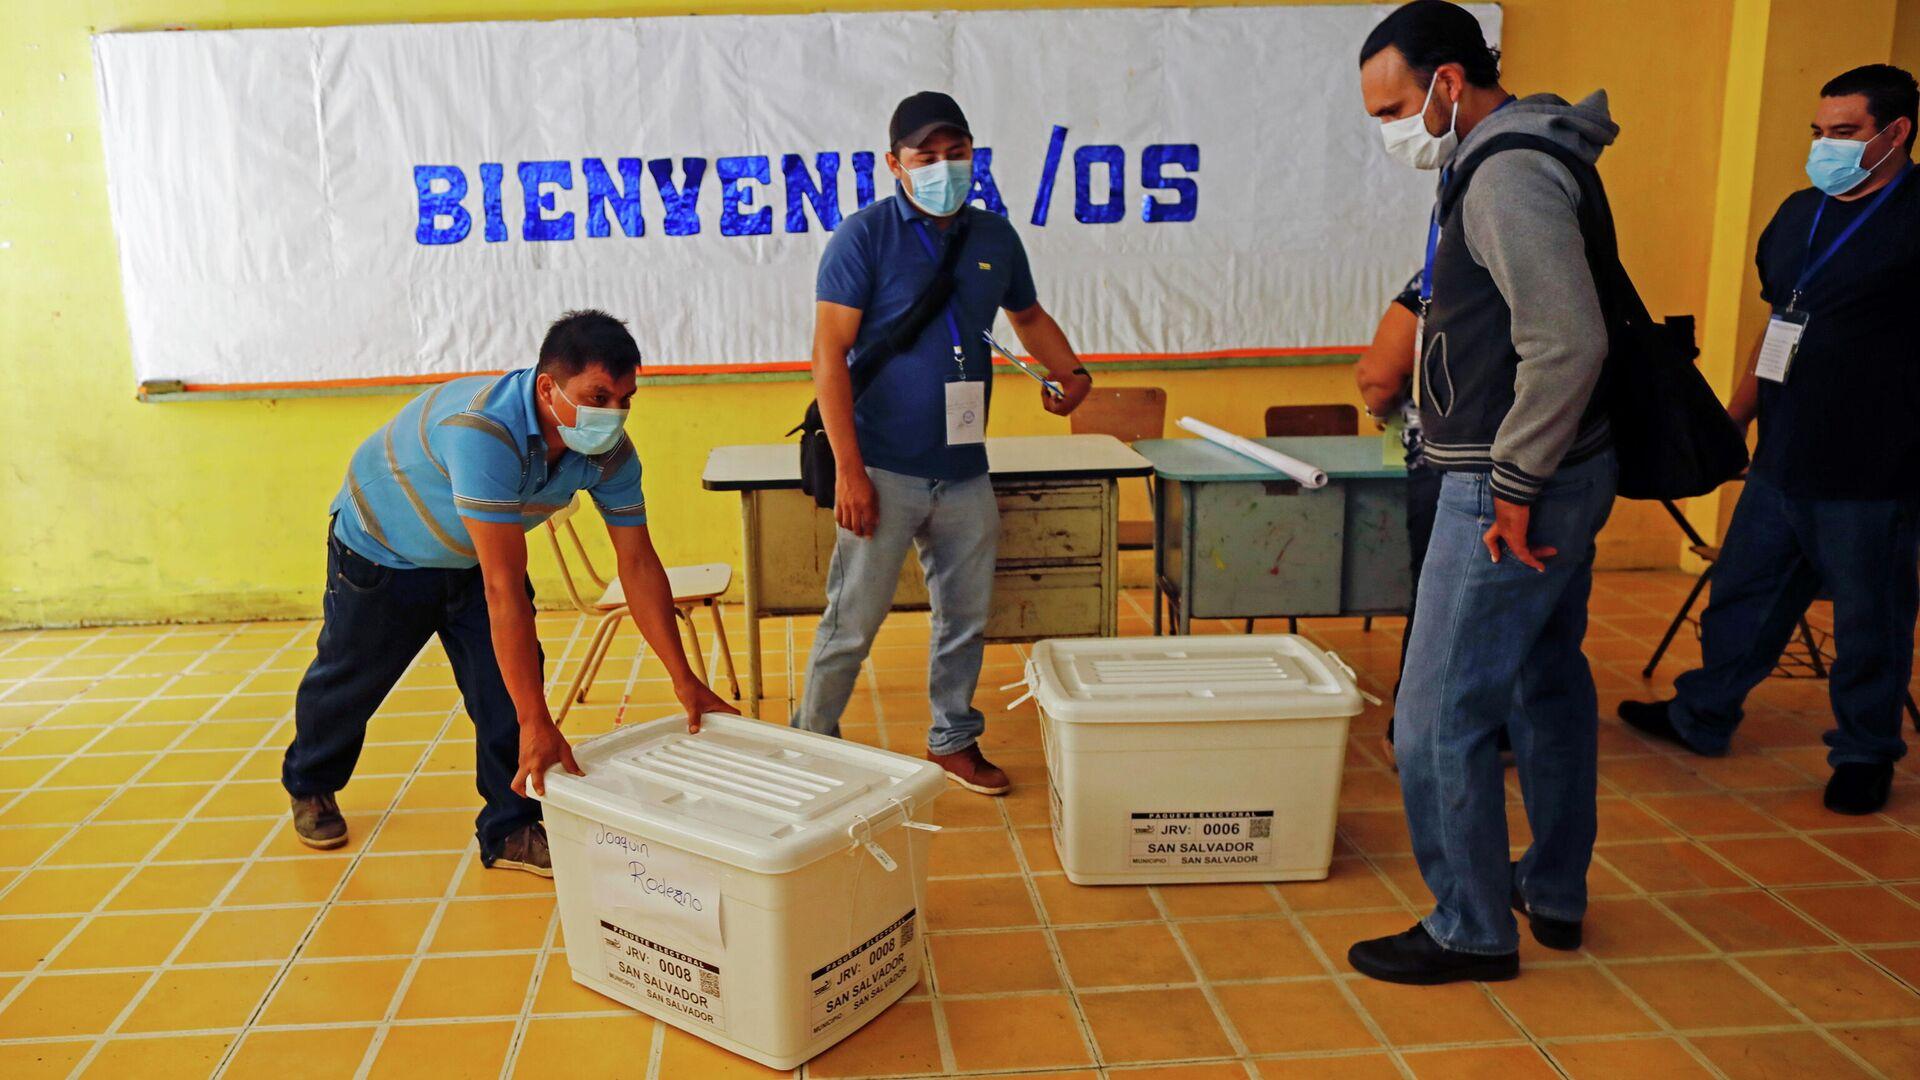 Preparación para las elecciones en El Salvador - Sputnik Mundo, 1920, 28.02.2021